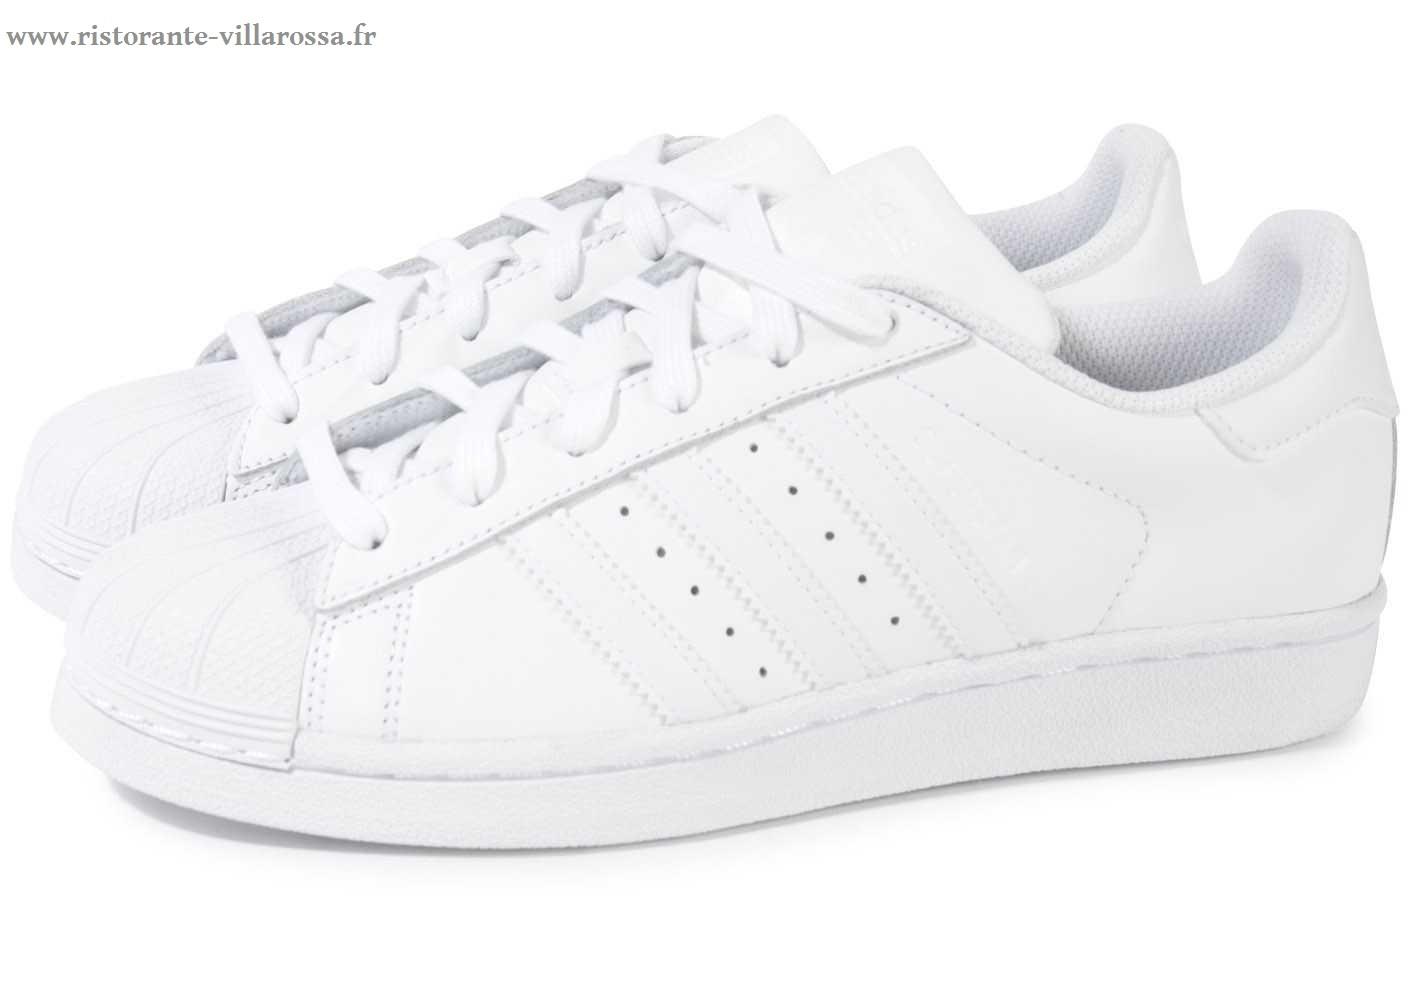 Vente de adidas superstar blanche pas cher femme Soldes